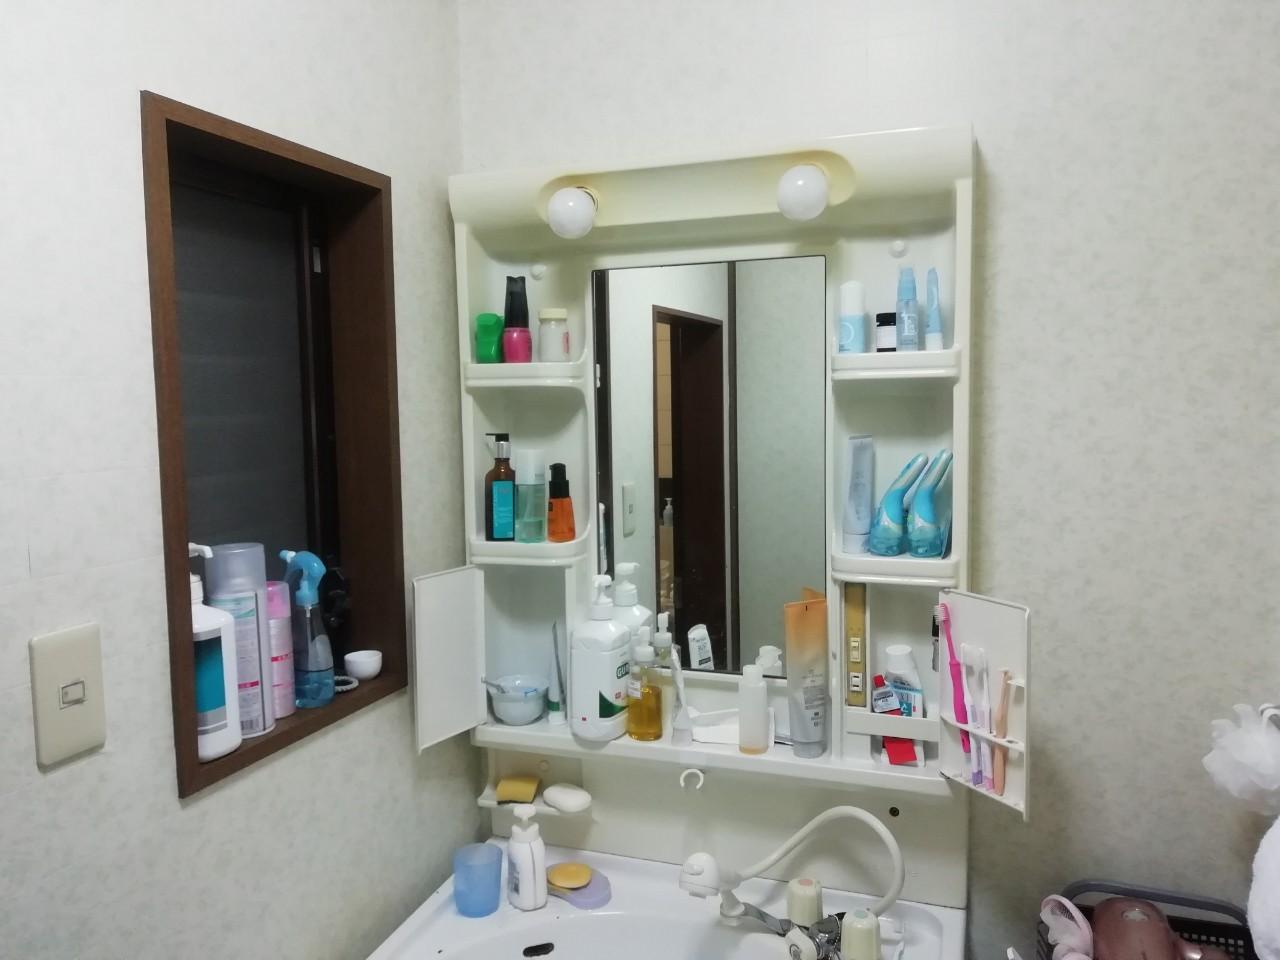 パナソニック エムライン 洗面化粧台の交換工事(京都市北区紫野)